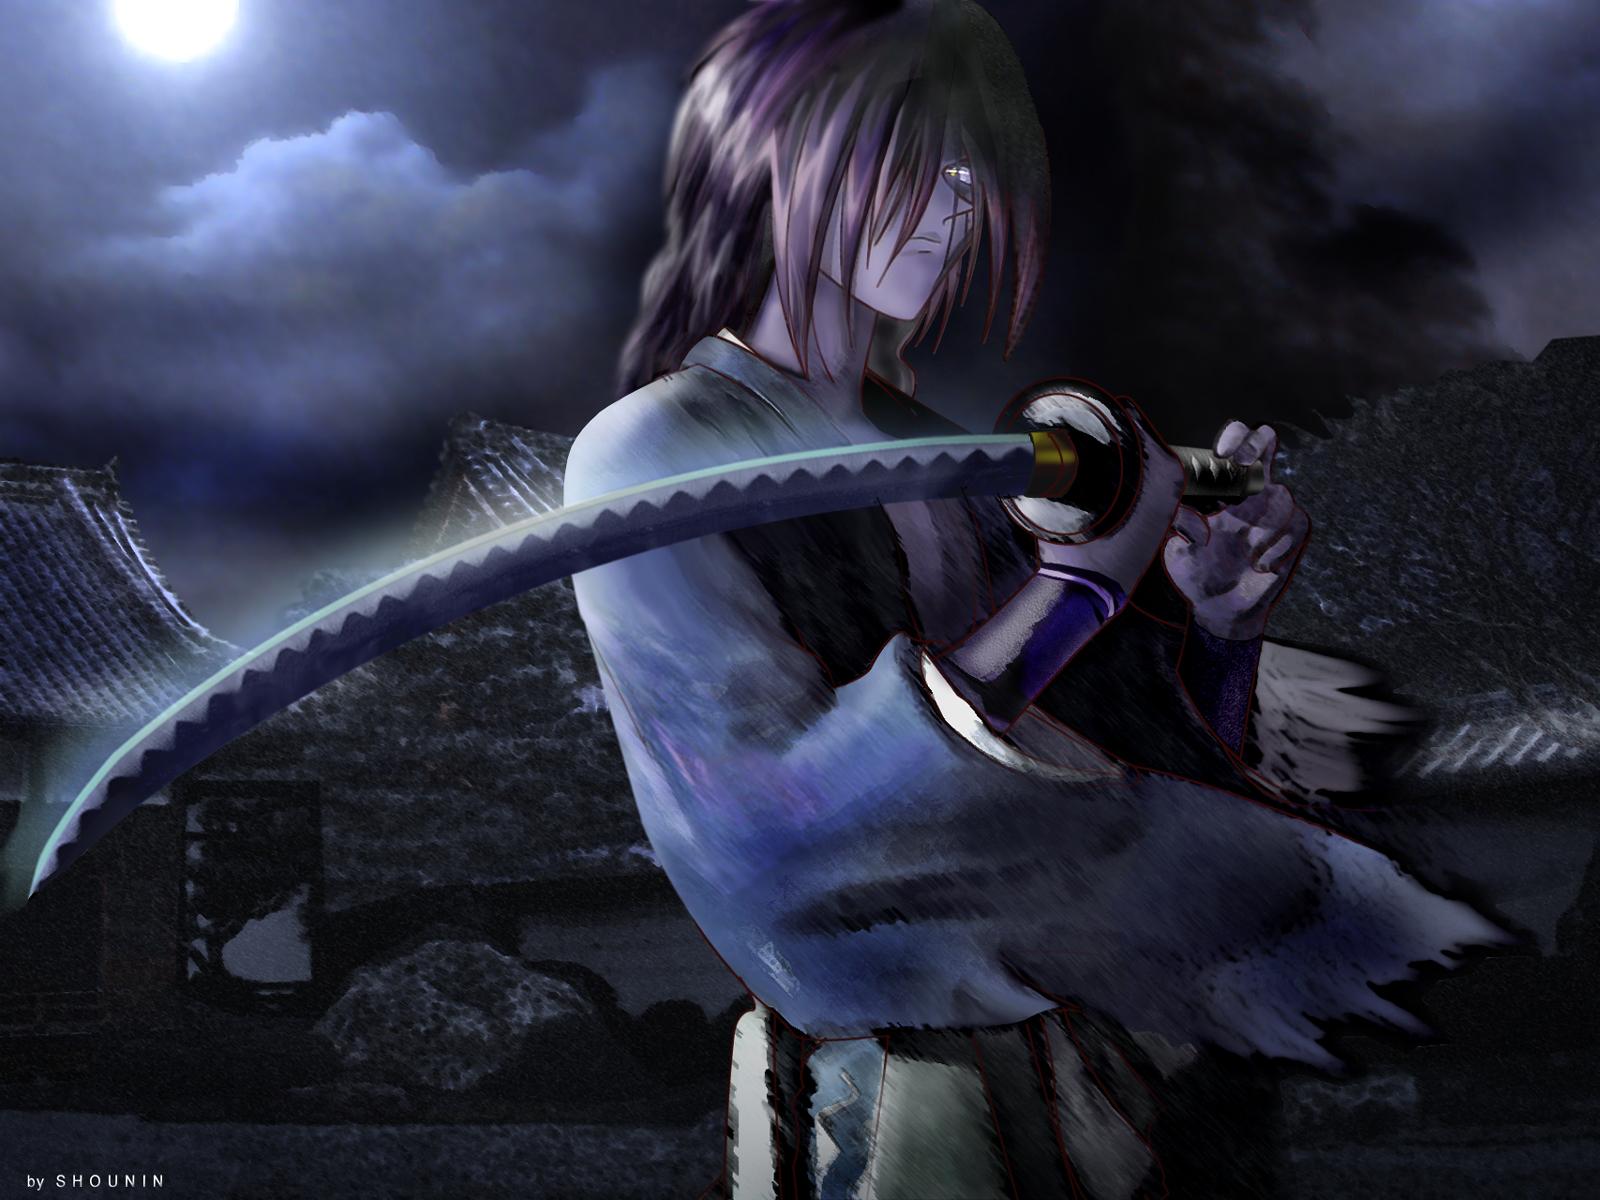 http://4.bp.blogspot.com/-P-cyEMpwBuc/UIETCqOZmsI/AAAAAAAAASA/IW3wHk0yswg/s1600/Himura.Kenshin.full.93377+%25282%2529.jpg